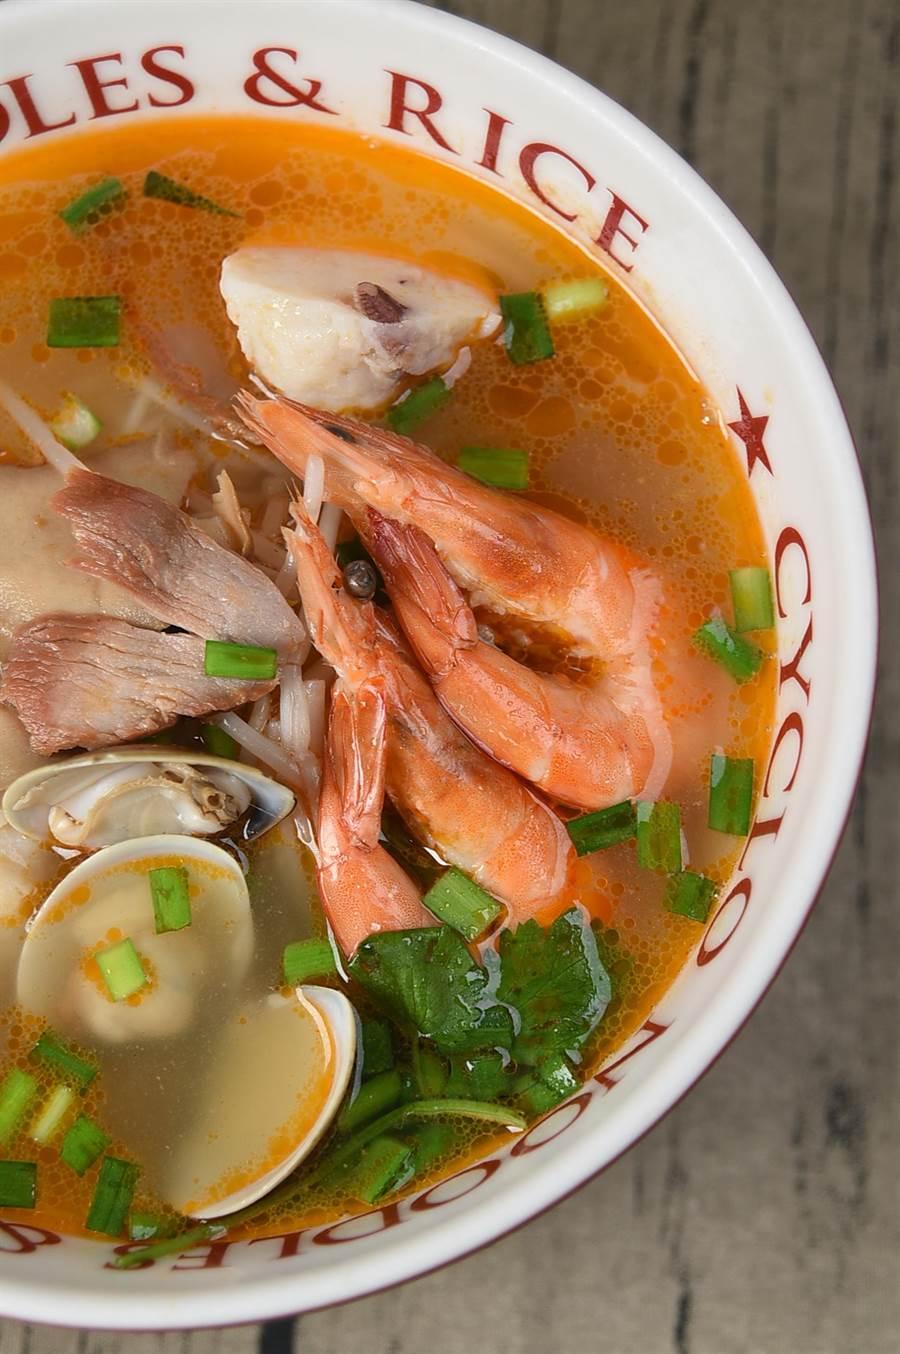 〈海鮮河粉〉內有2尾鮮蝦、蛤蜊、鮑魚片與叉燒肉,用豬骨與雞骨熬的湯頭內還加了蝦油,每碗只要230元。(圖/姚舜攝)